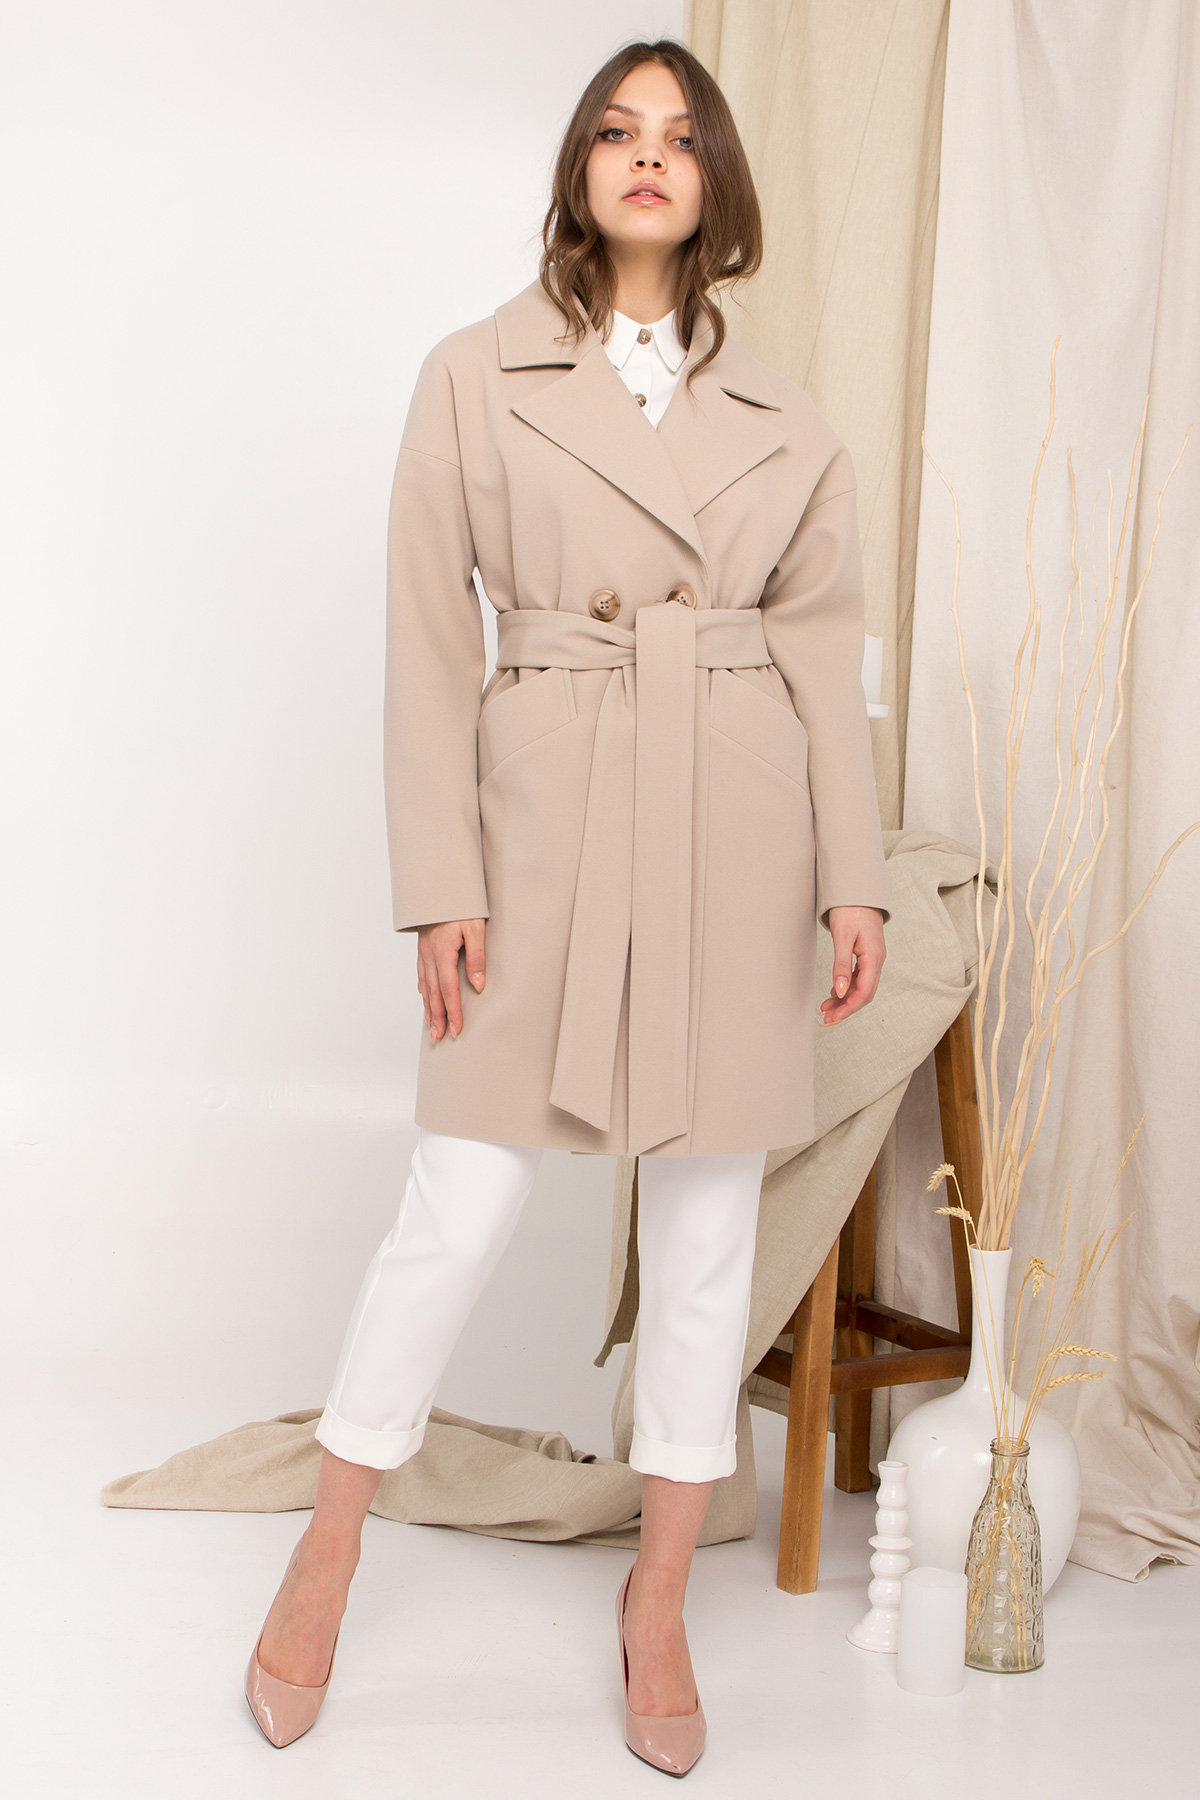 Пальто Сенсей 9006 АРТ. 45312 Цвет: Бежевый - фото 7, интернет магазин tm-modus.ru